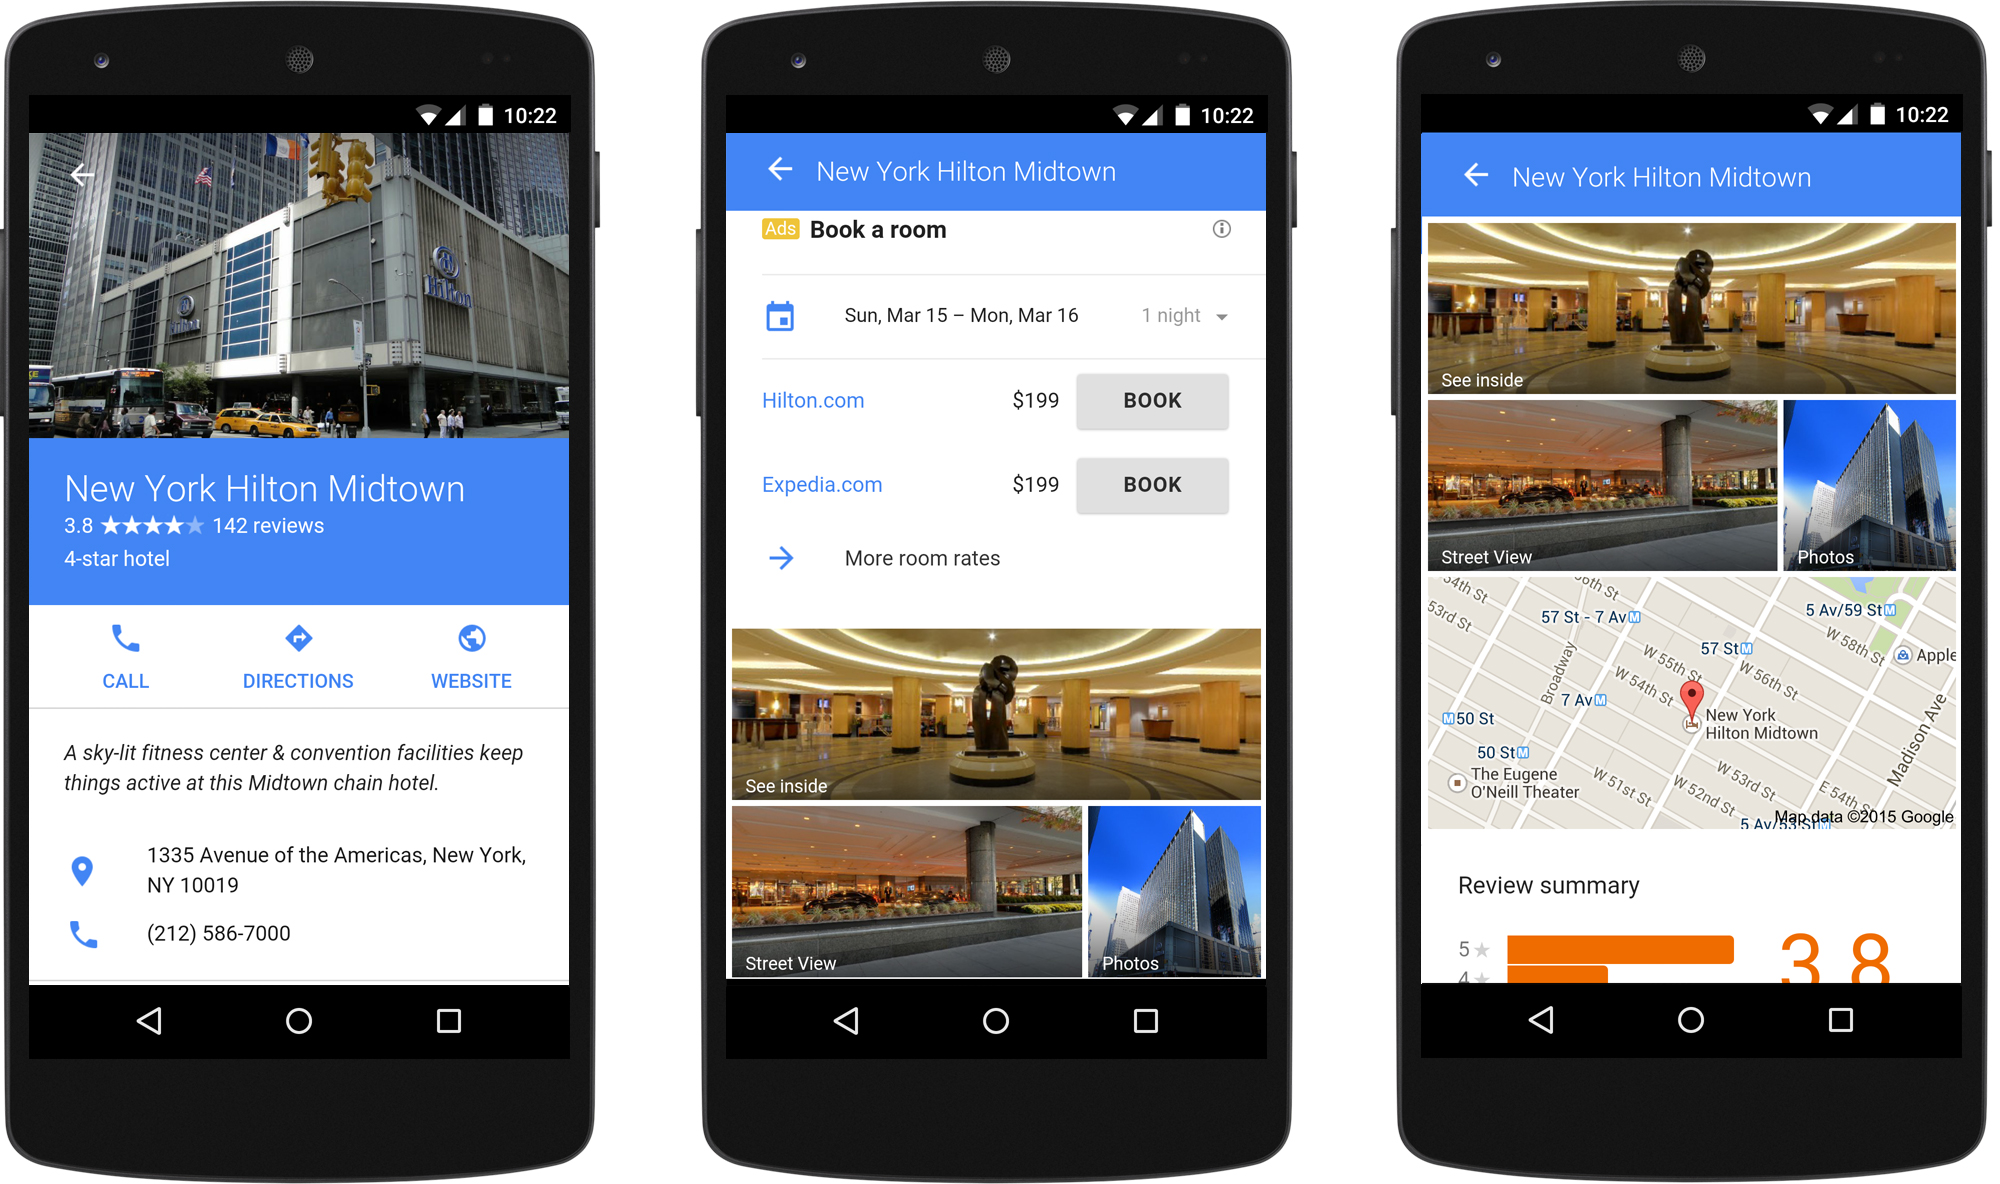 Hilton-detail-view-mobile (1)